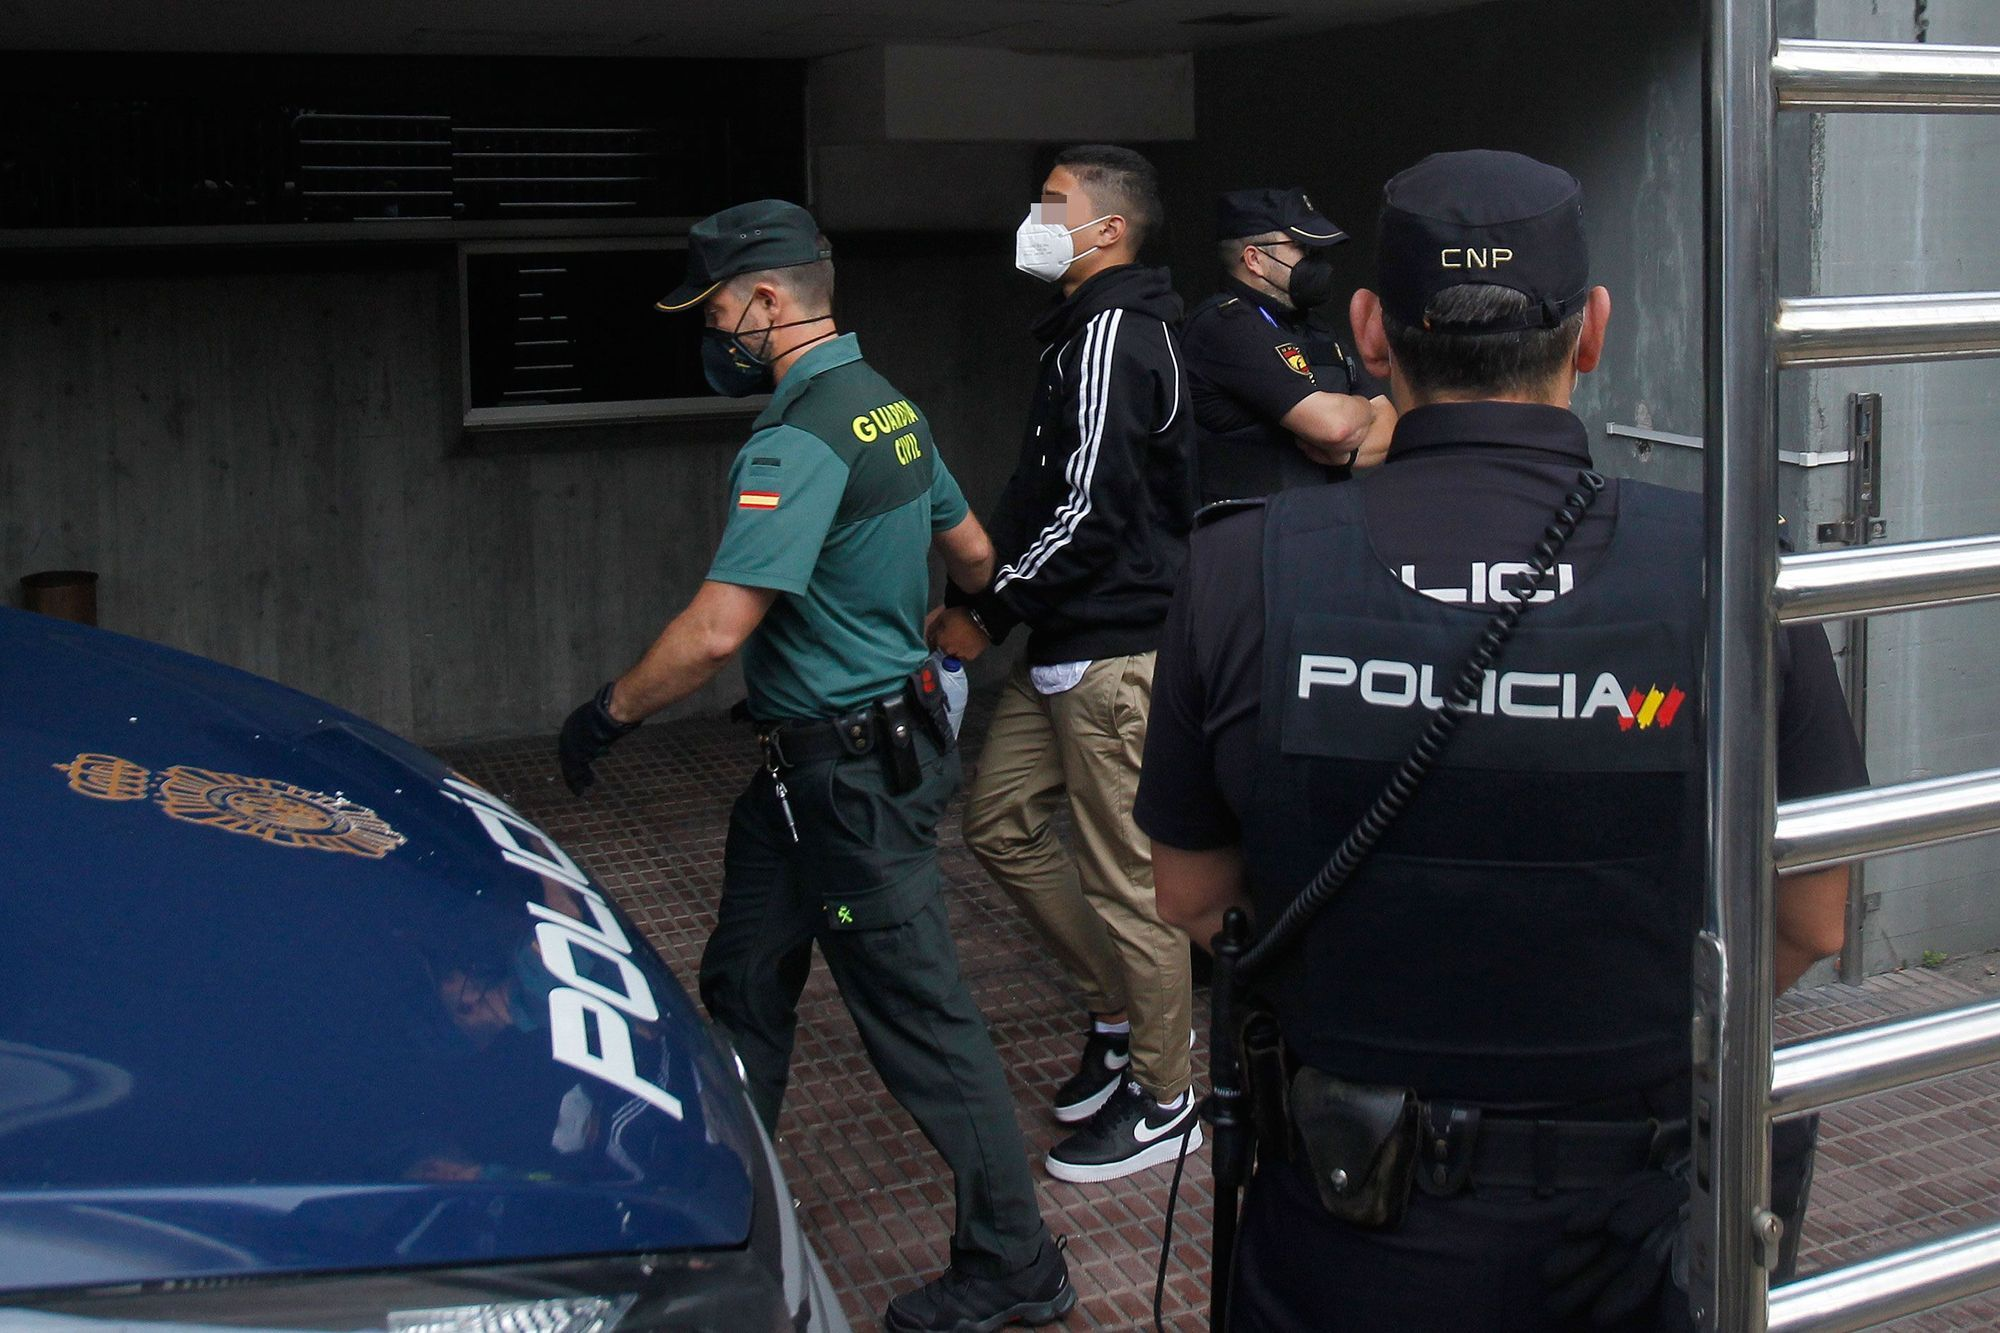 Llegan al juzgado los tres jóvenes en prisión provisional por el crimen de Samuel